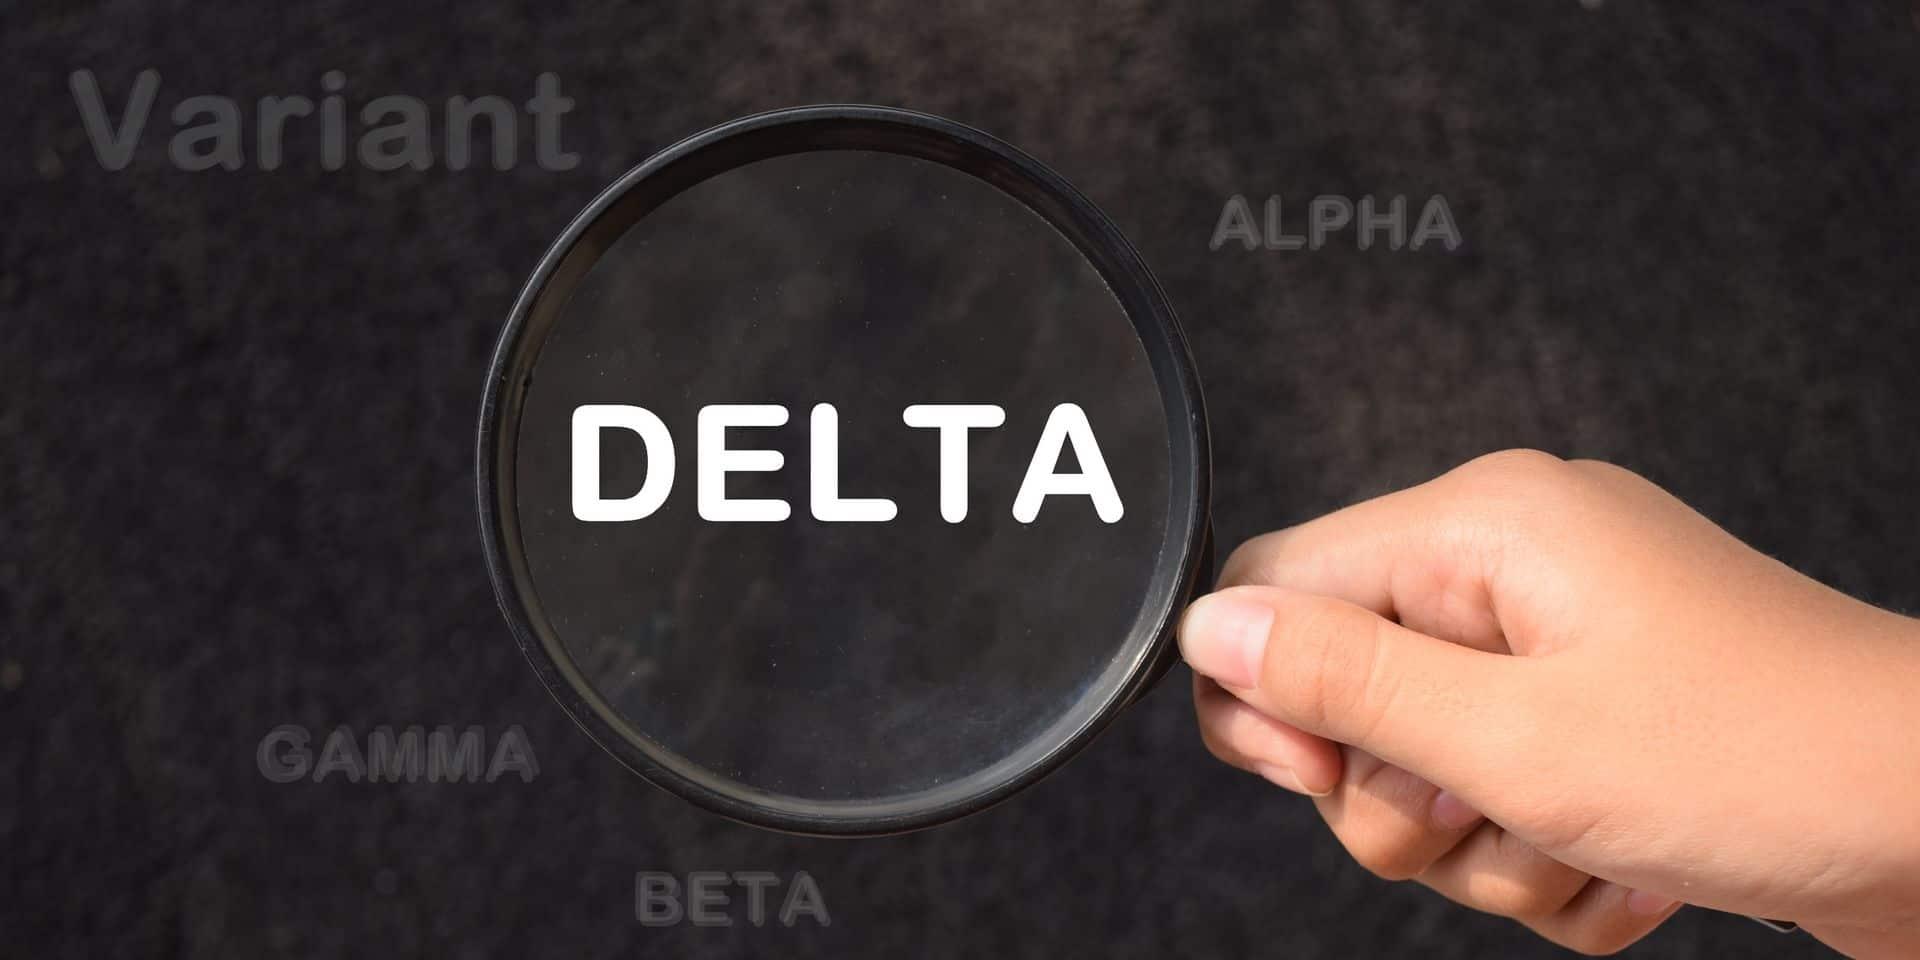 Ce que le variant delta a de si différent, par rapport aux autres variants Covid